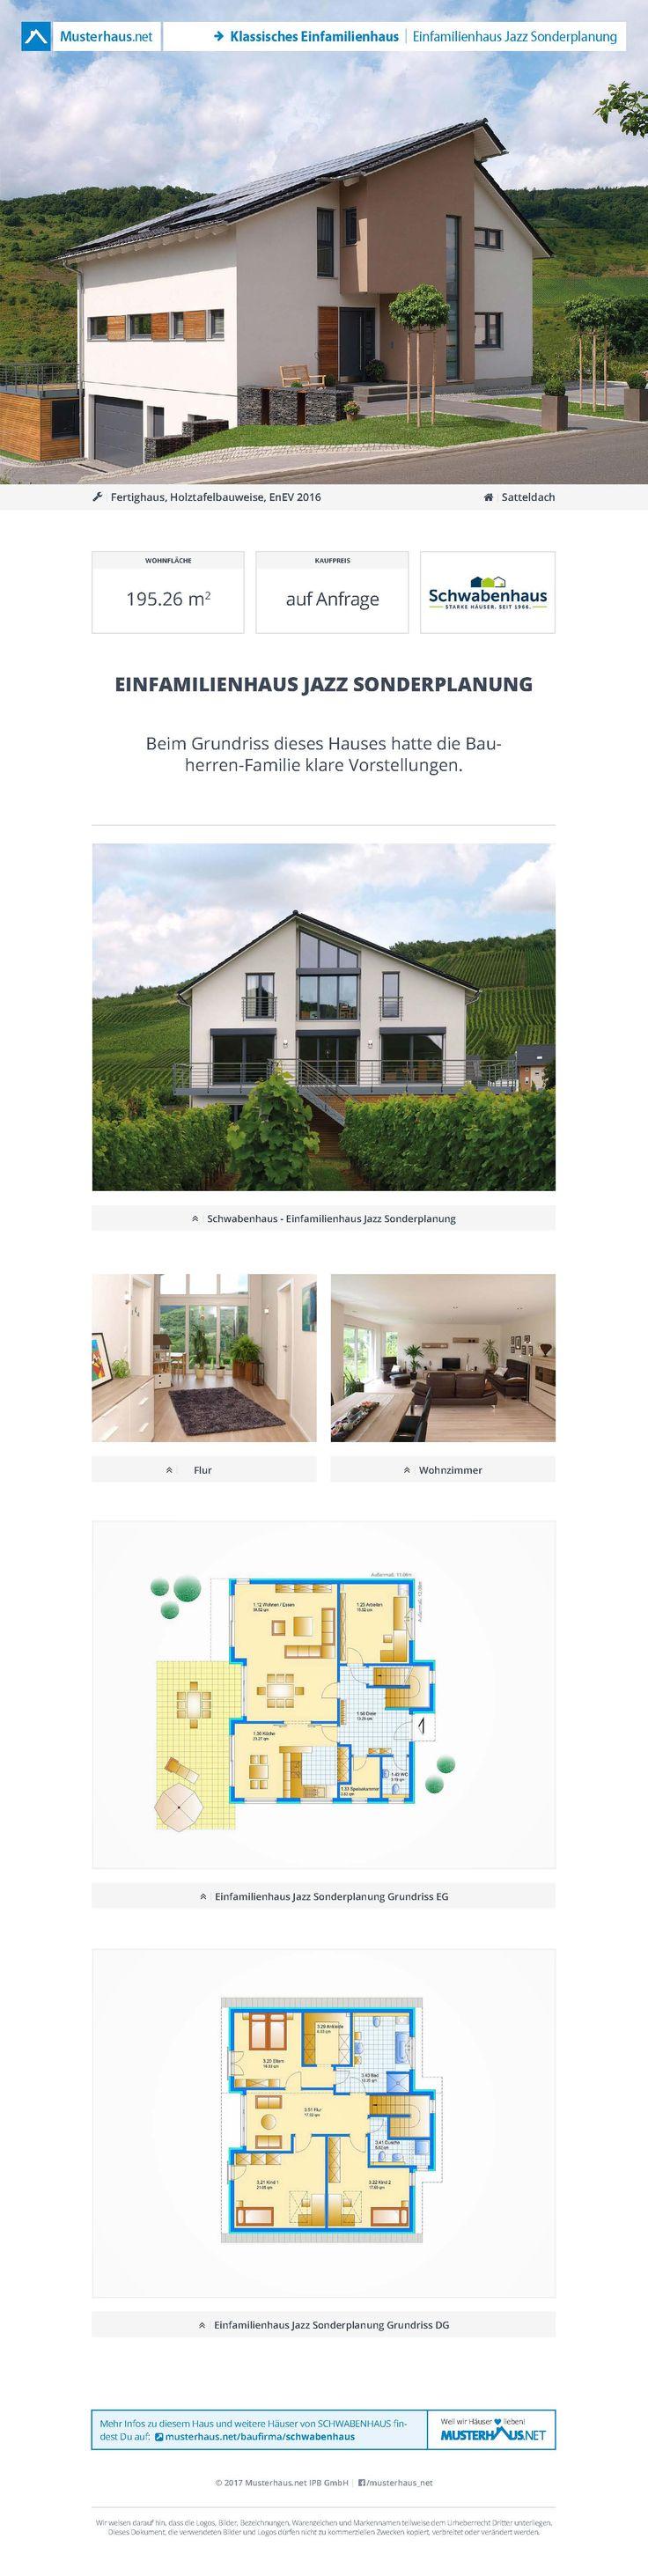 Fertighaus mit Satteldach • #Einfamilienhaus Jazz Sonderplanung •  Schwabenhaus • Jetzt bei #Musterhaus.net Unterlagen anfordern!